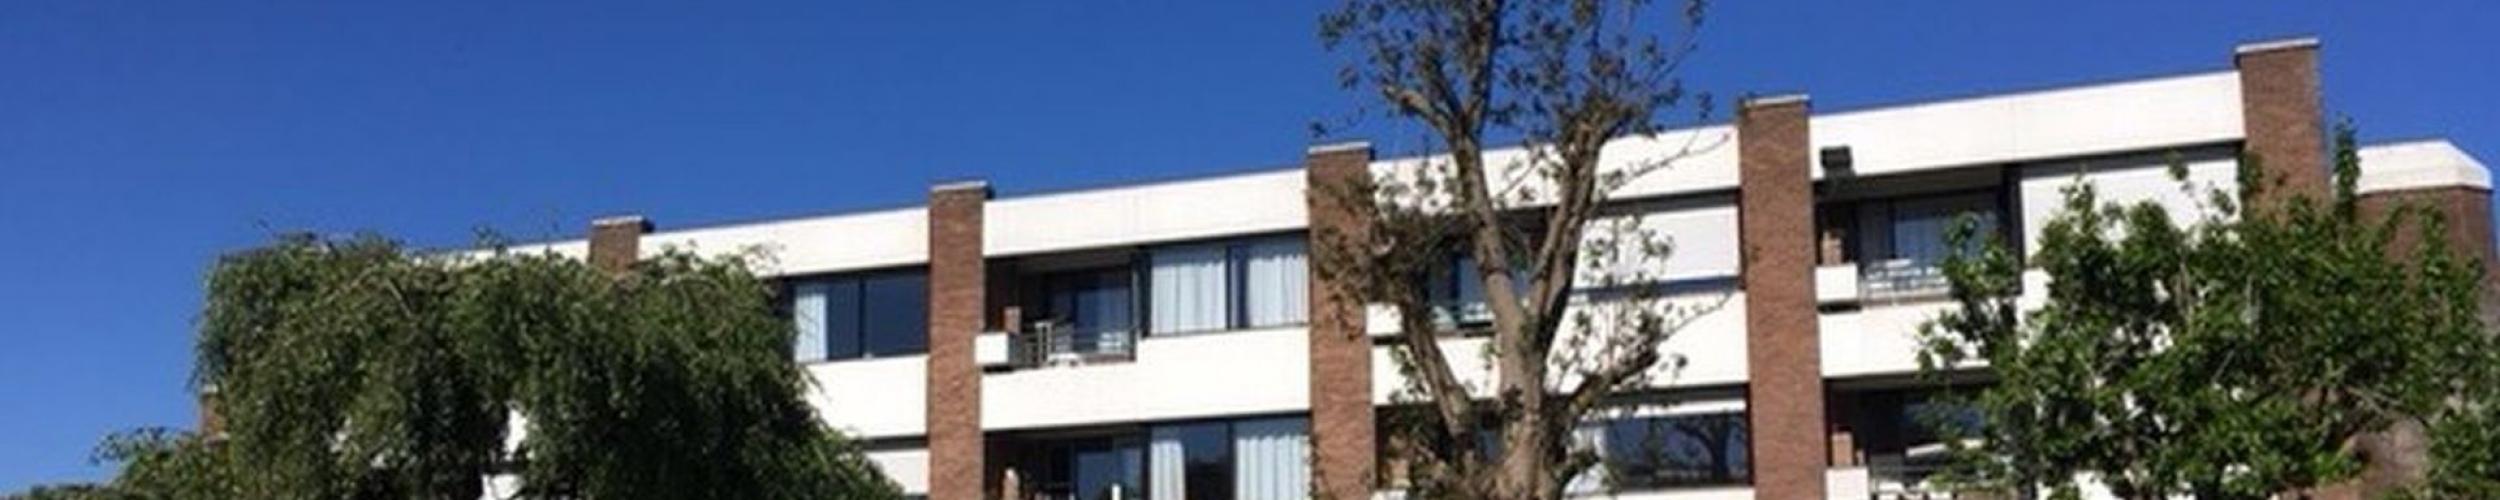 Contact GAW 'Residentie Ampe' / Bejaardenwoningen